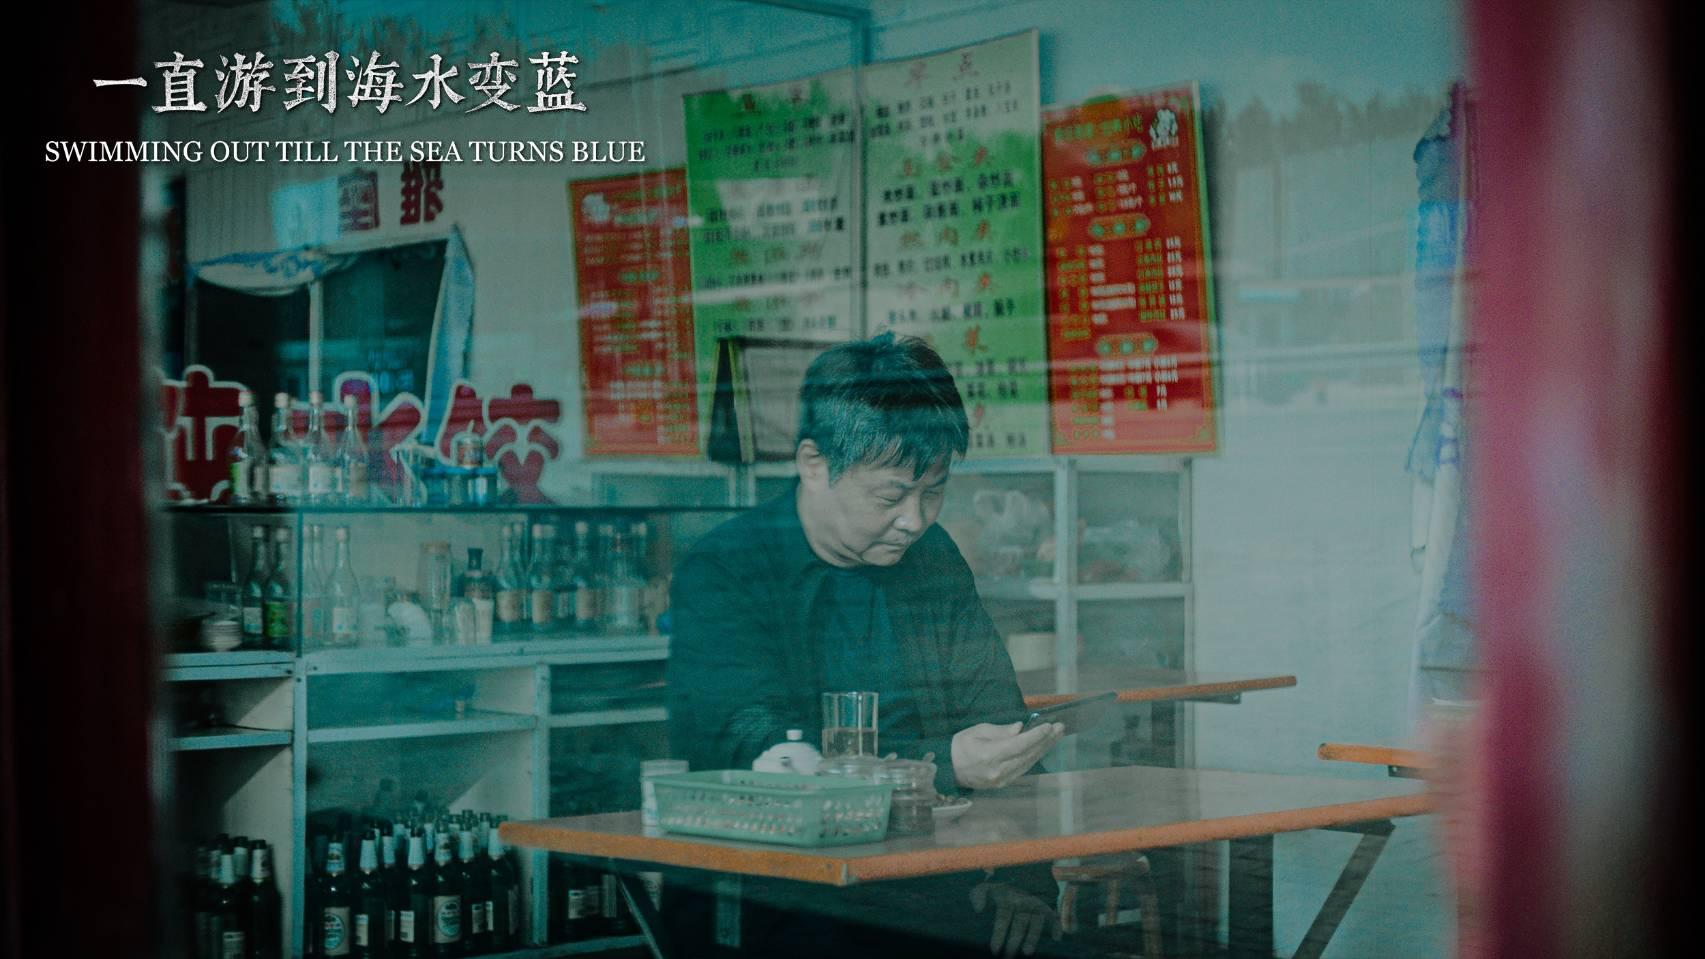 賈樟柯新片《一直游到海水變藍》講述了中國人的共同心事。